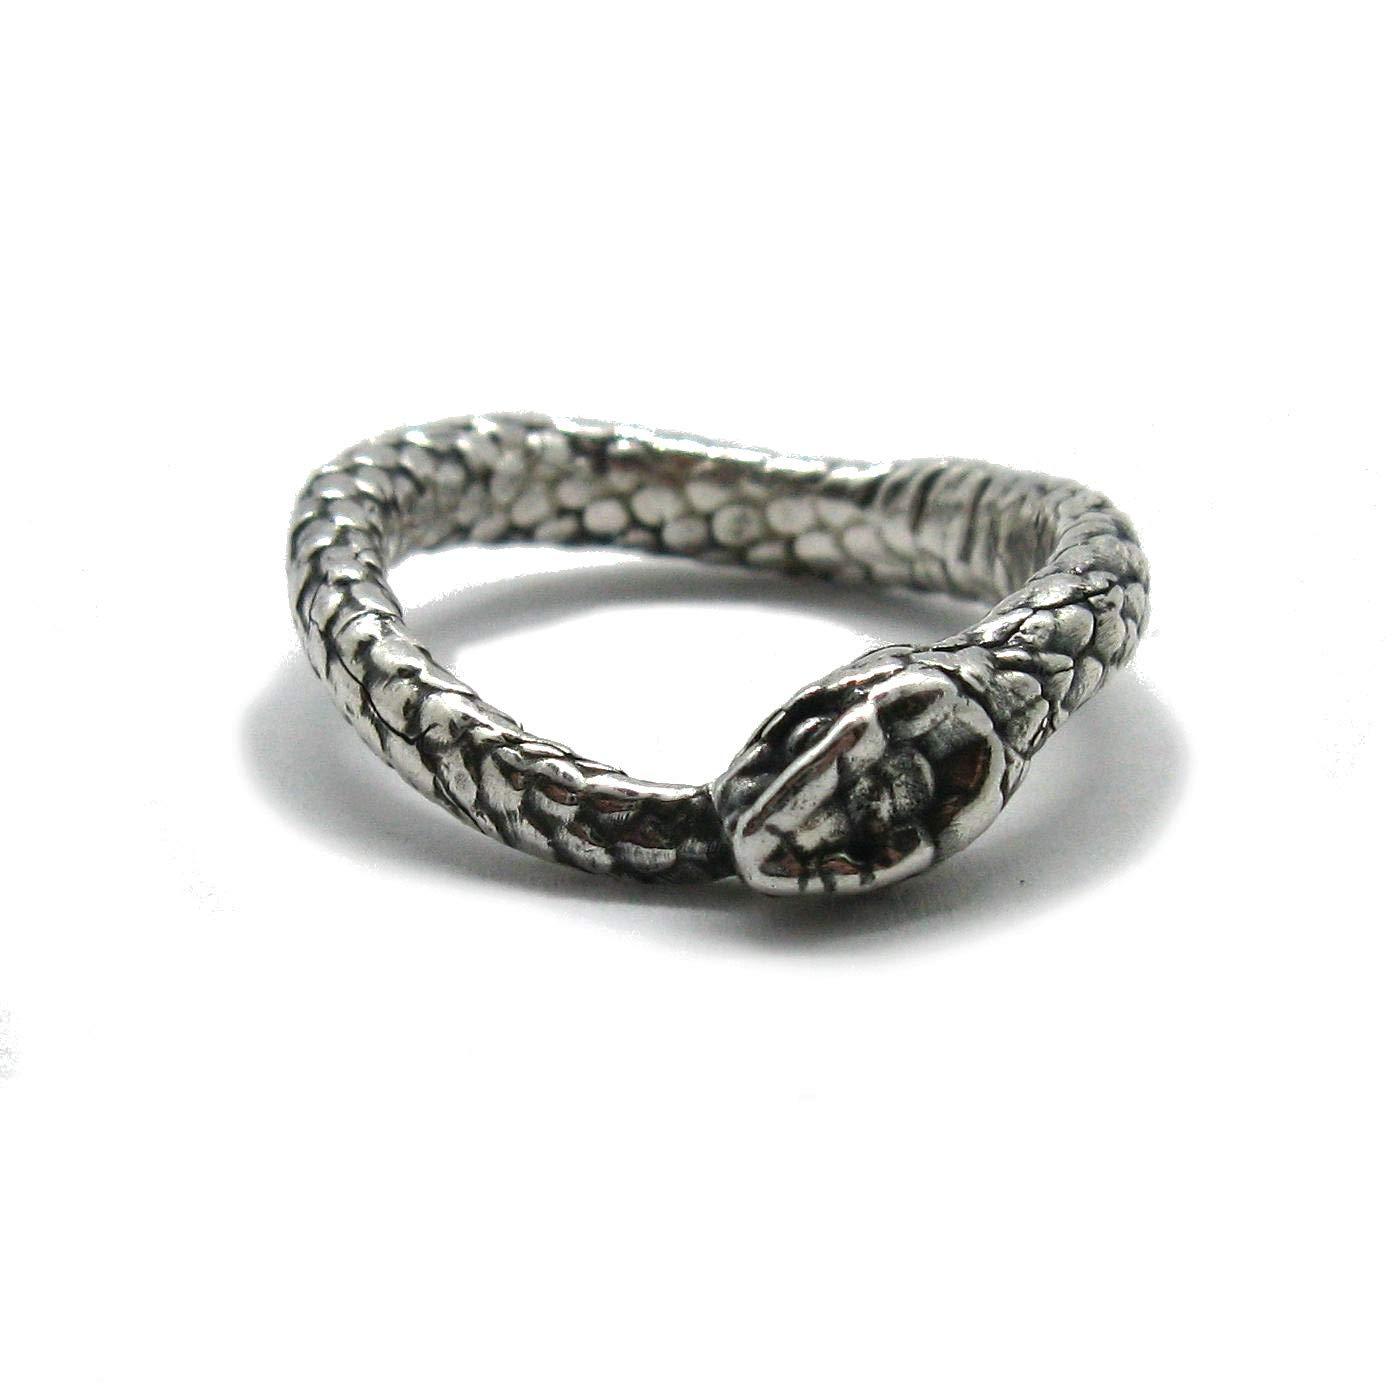 Bague en argent massif 925 Serpent Empressjewellery R001843